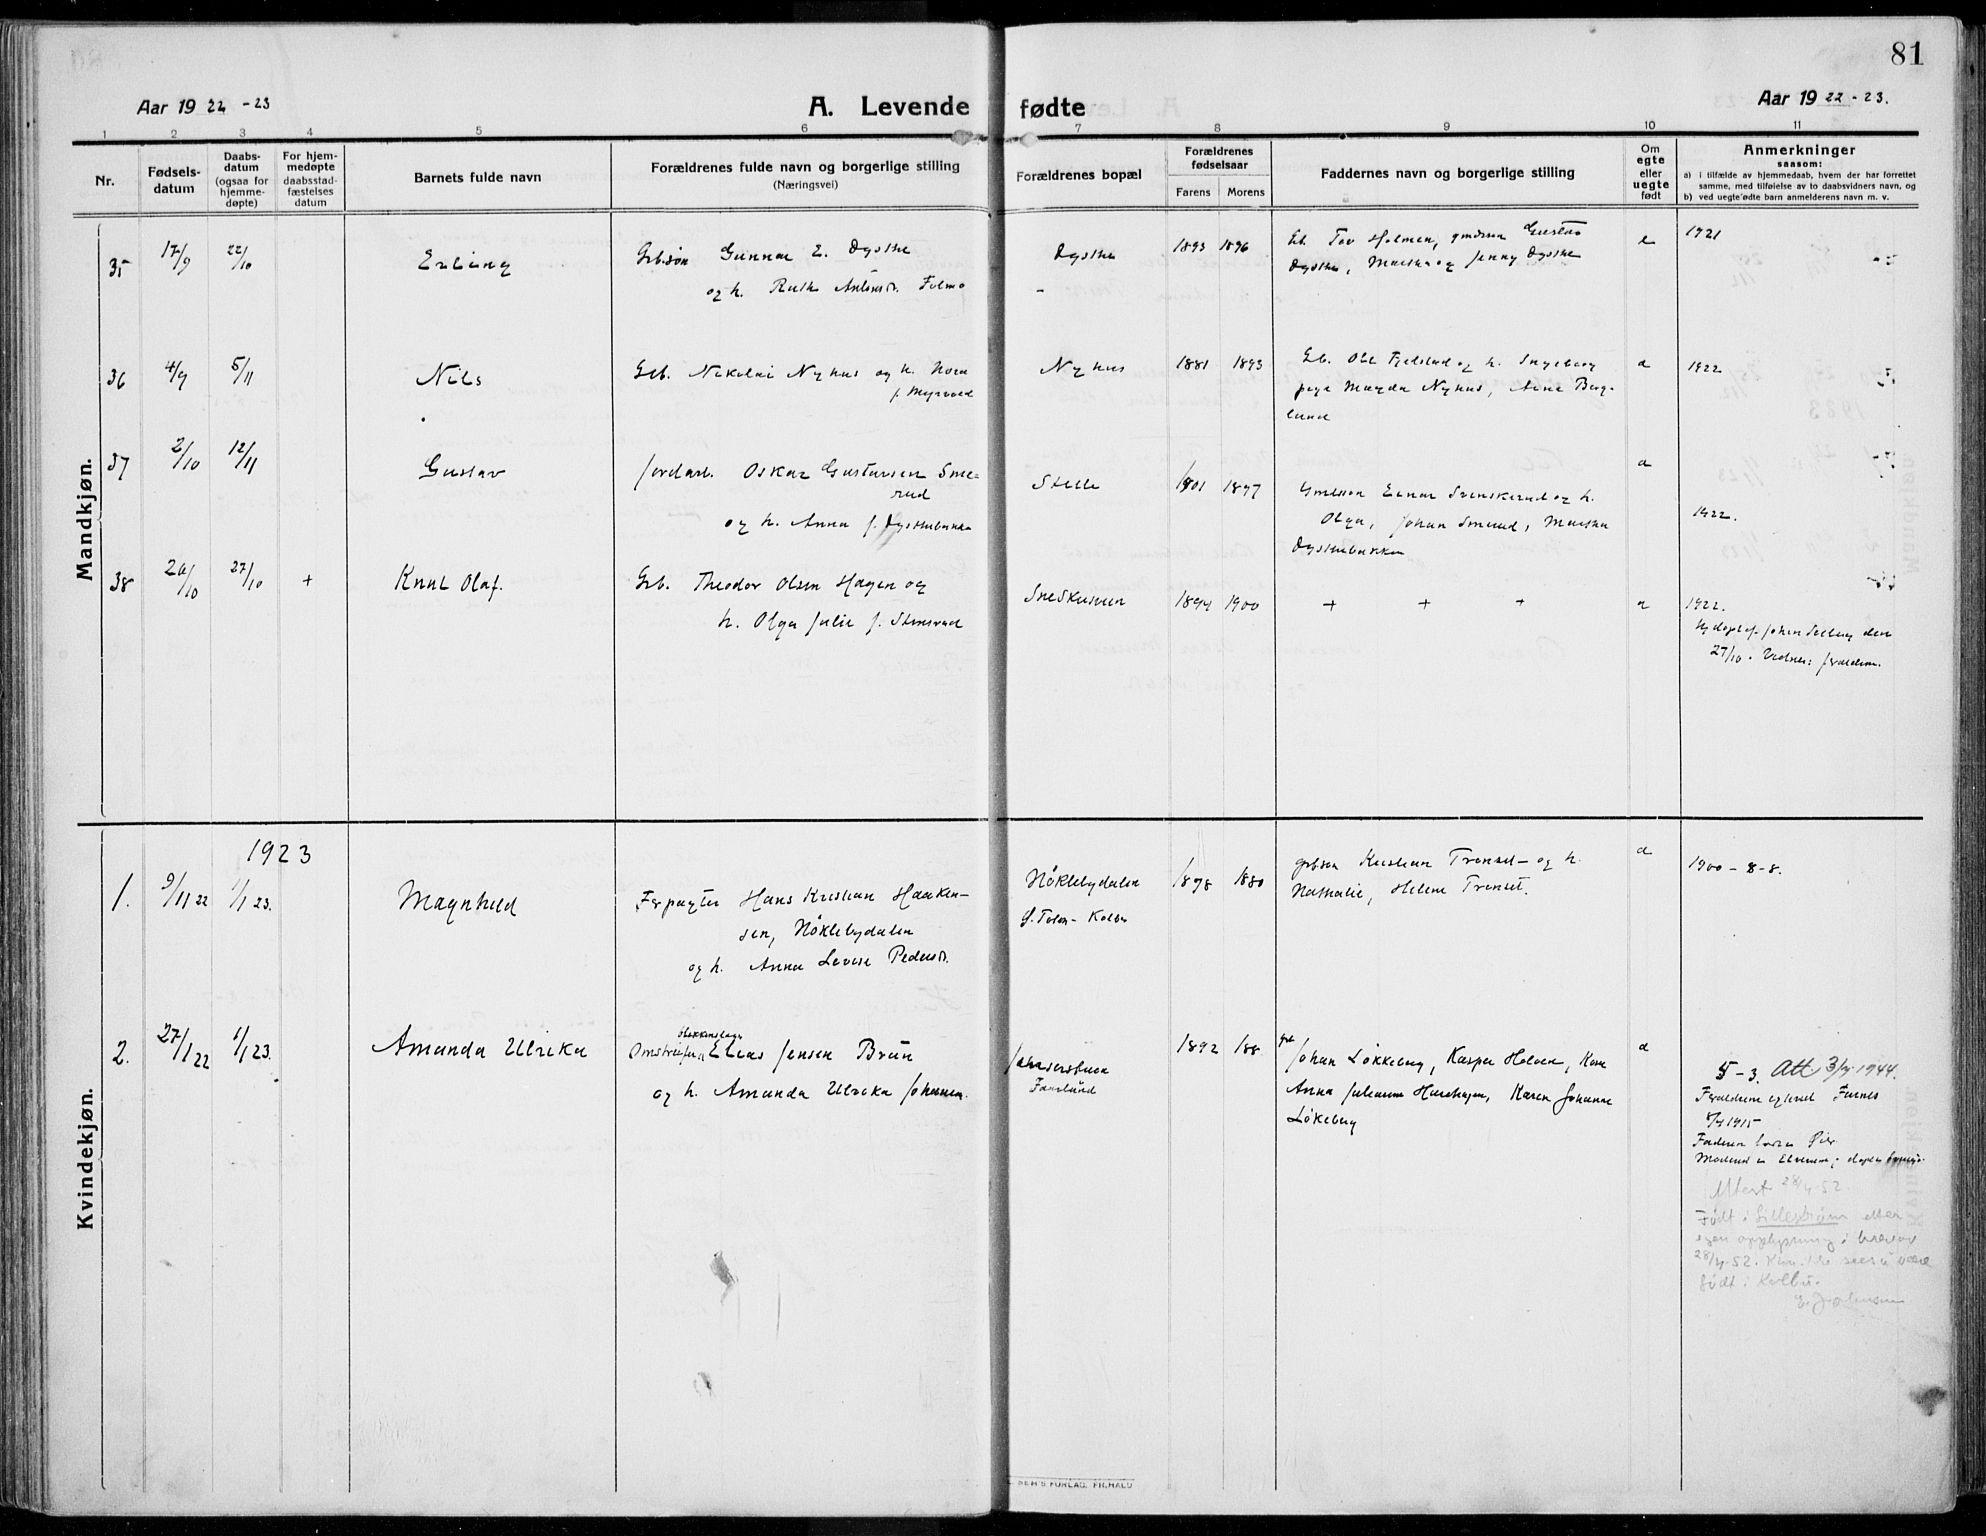 SAH, Kolbu prestekontor, Ministerialbok nr. 2, 1912-1926, s. 81